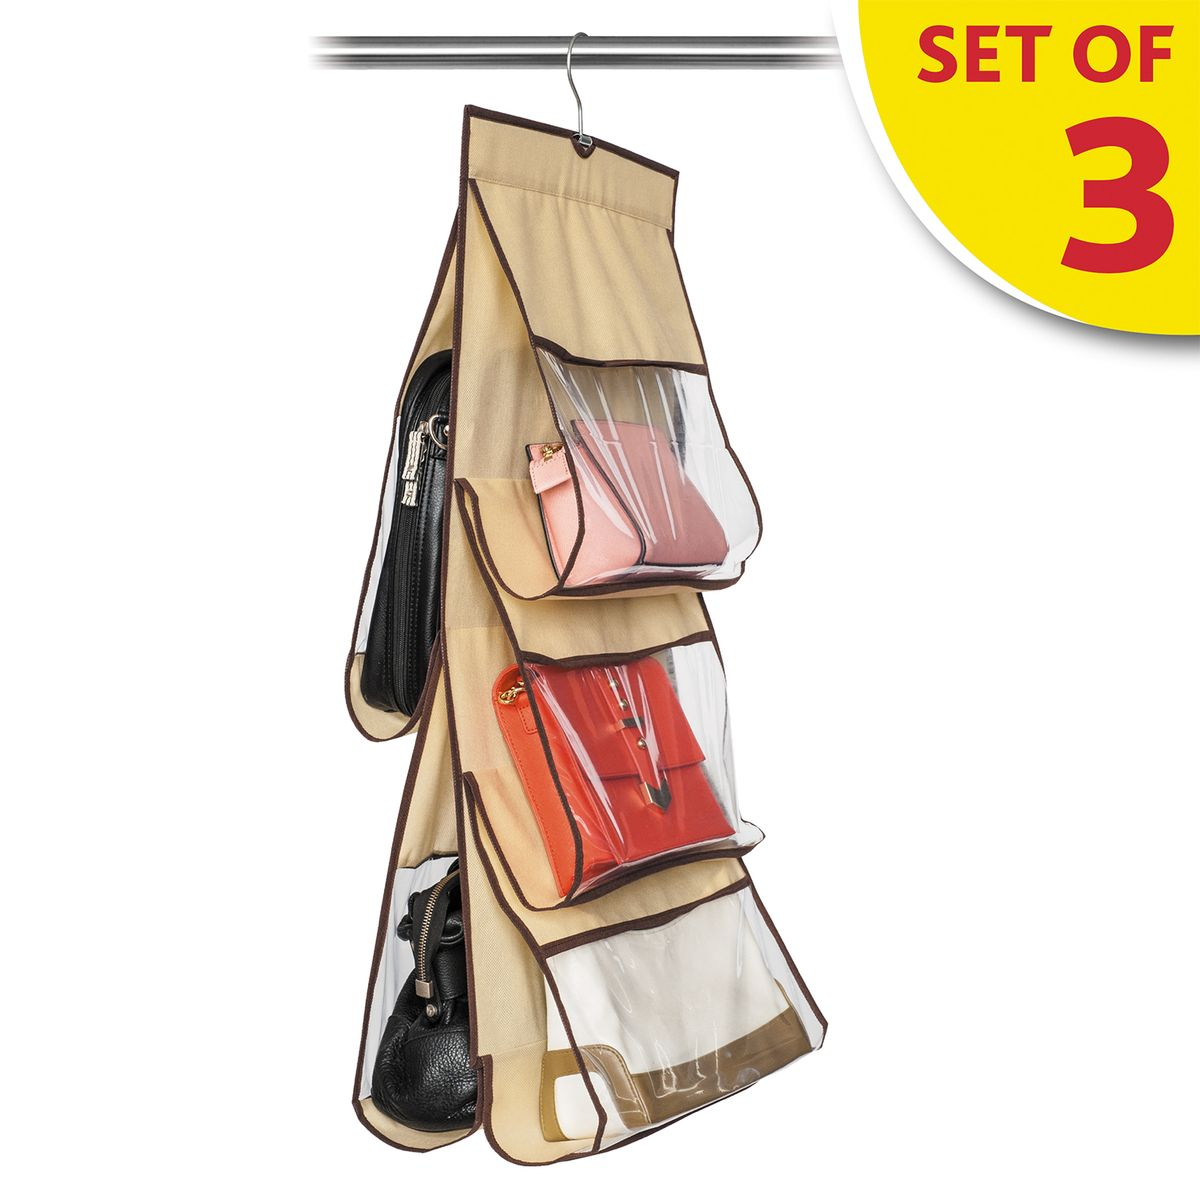 Набор органайзеров для хранения сумок в шкафу Tatkraft Kanga, 3 штBH-UN0502( R)Набор Tatkraft Kanga состоит из трех органайзеров для хранения сумок в шкафу. Двусторонний, 5 чехлов-отделений: 2 больших, 3 средних. Мягкий материал защищает кожу от повреждений, прозрачное окошко облегчает поиск сумки. Компактное, удобное и бережное хранение.